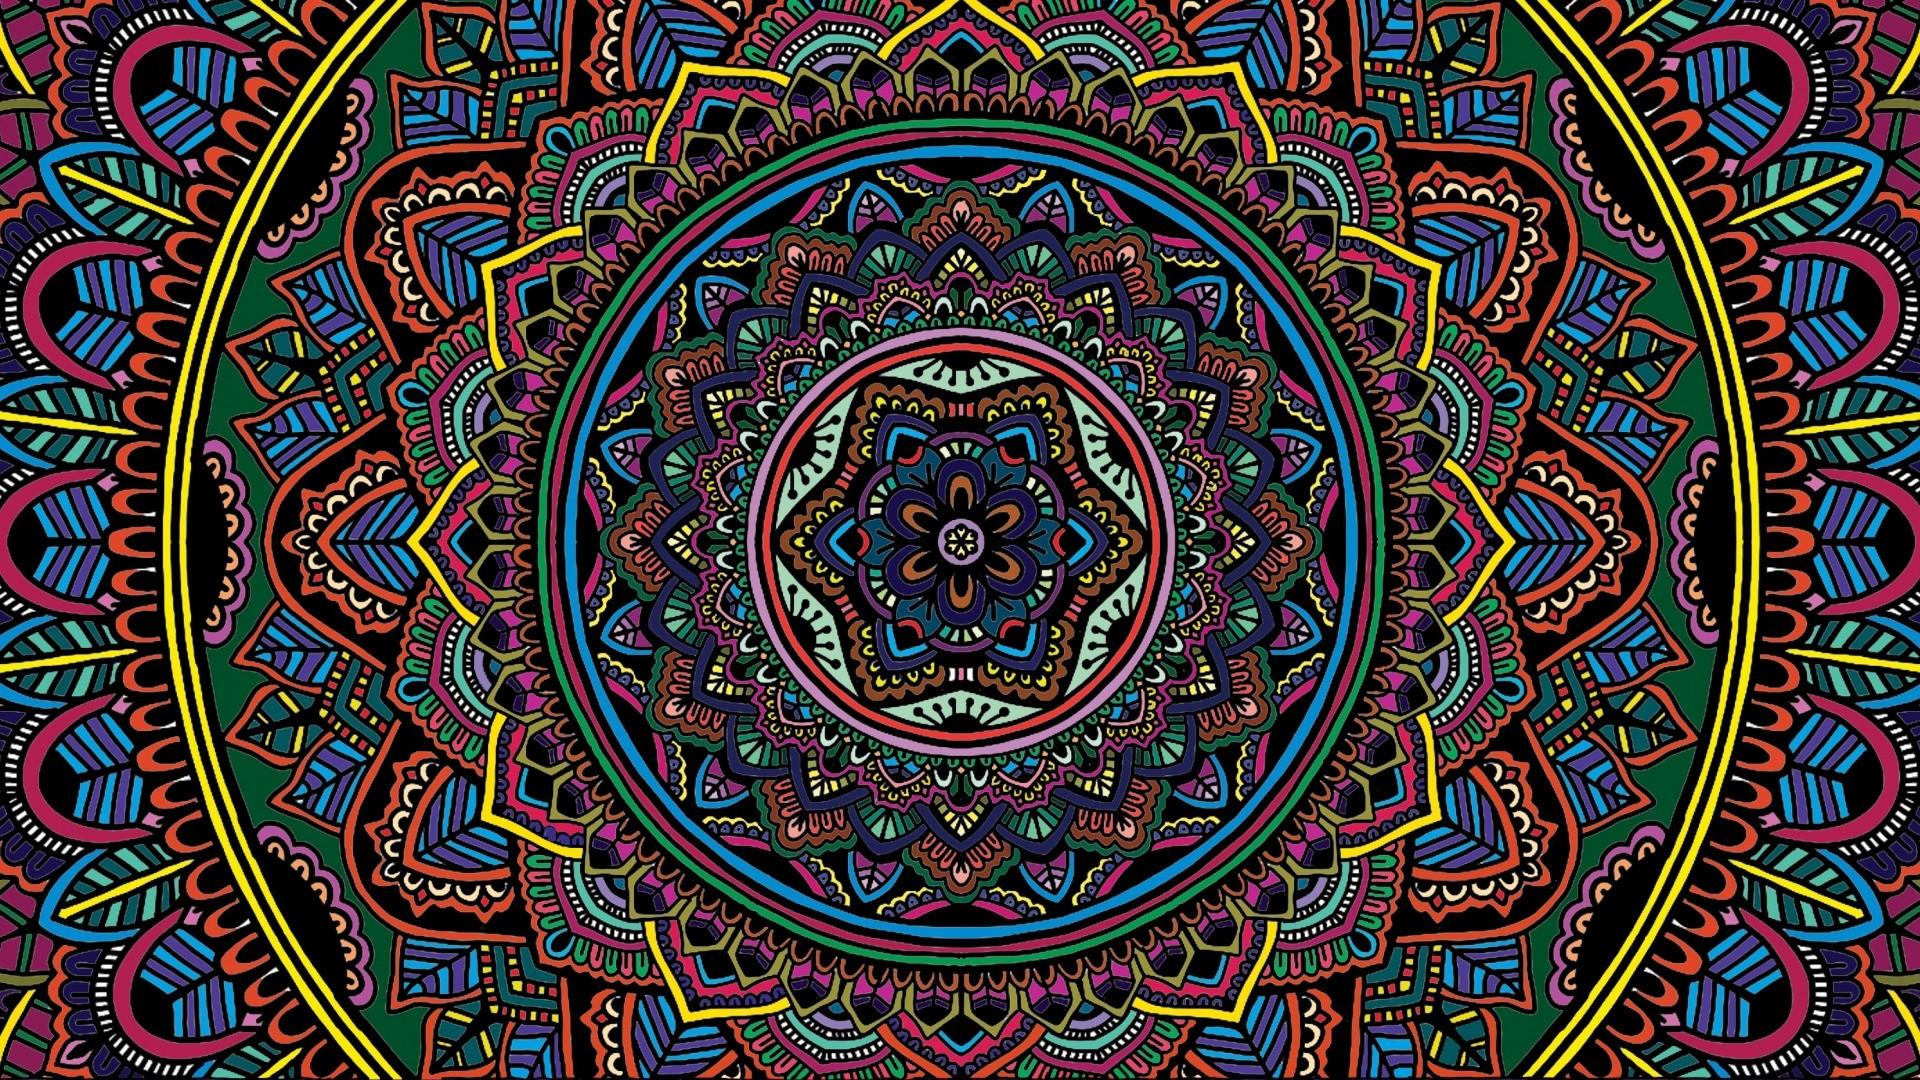 Mandala PC Wallpaper HD